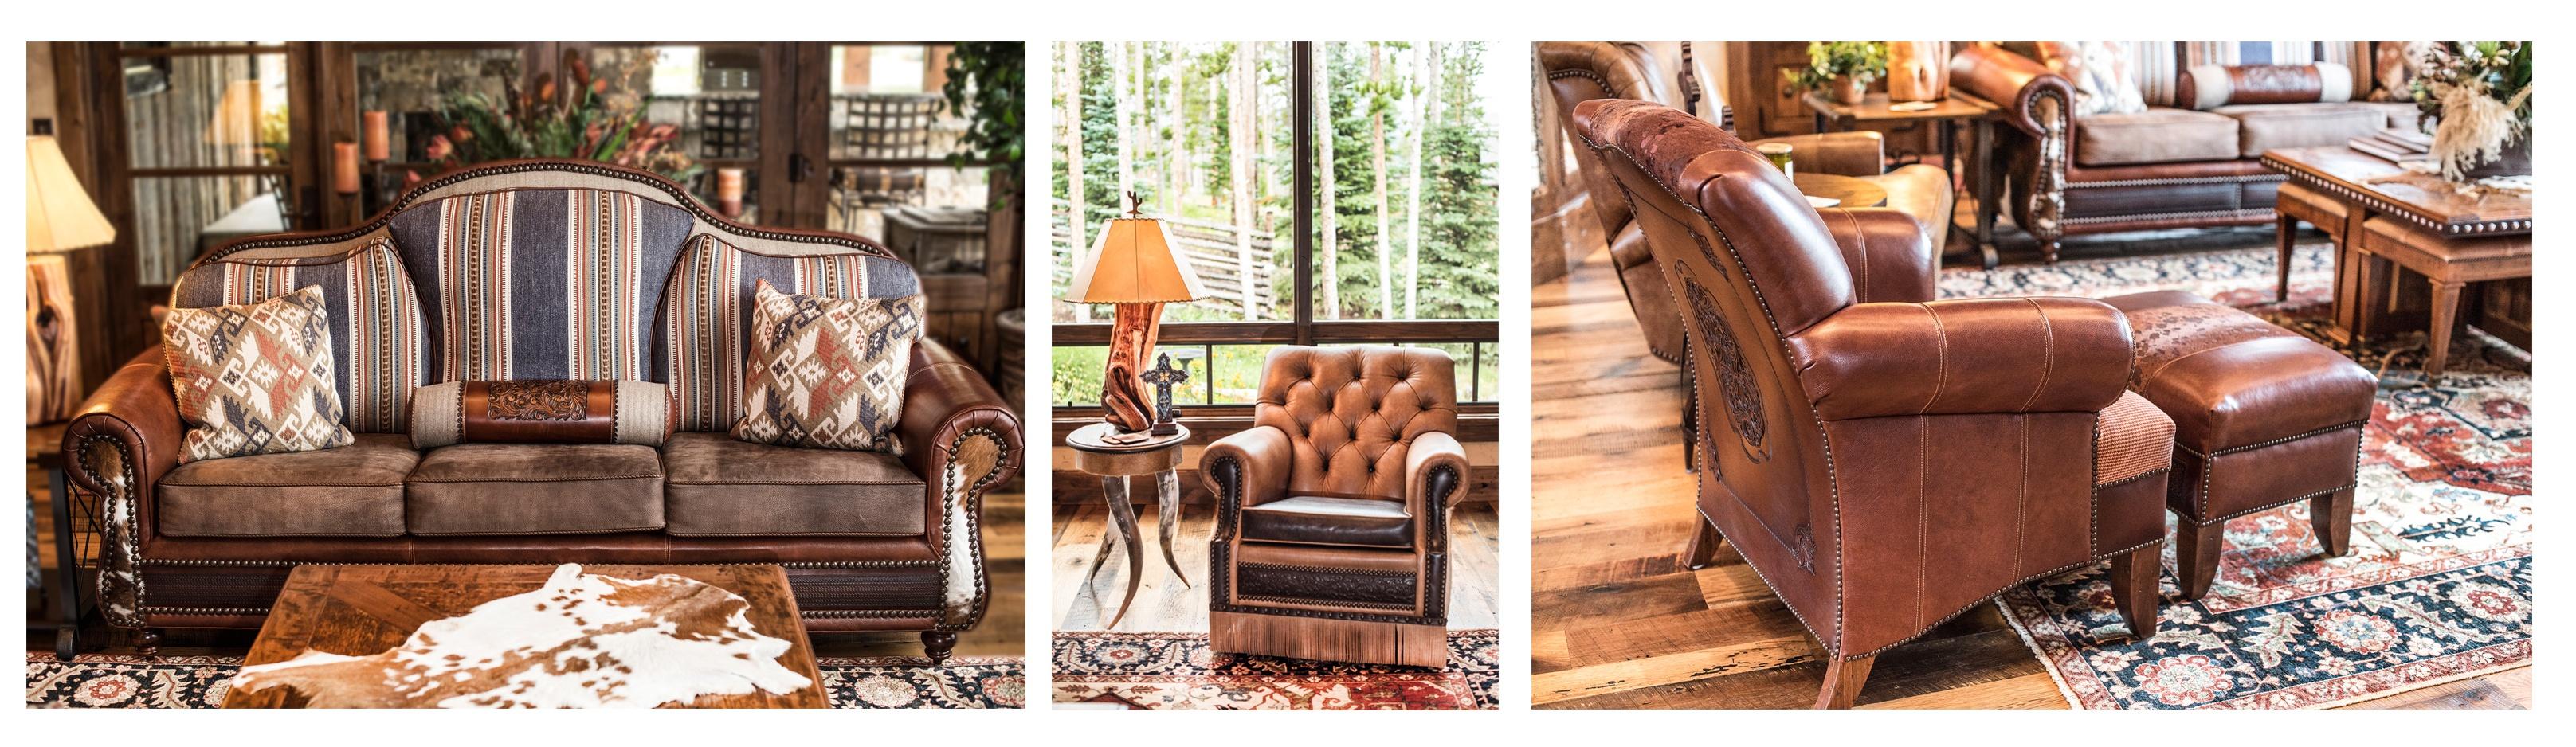 rustic_interior_design_thescarabrugs.jpg